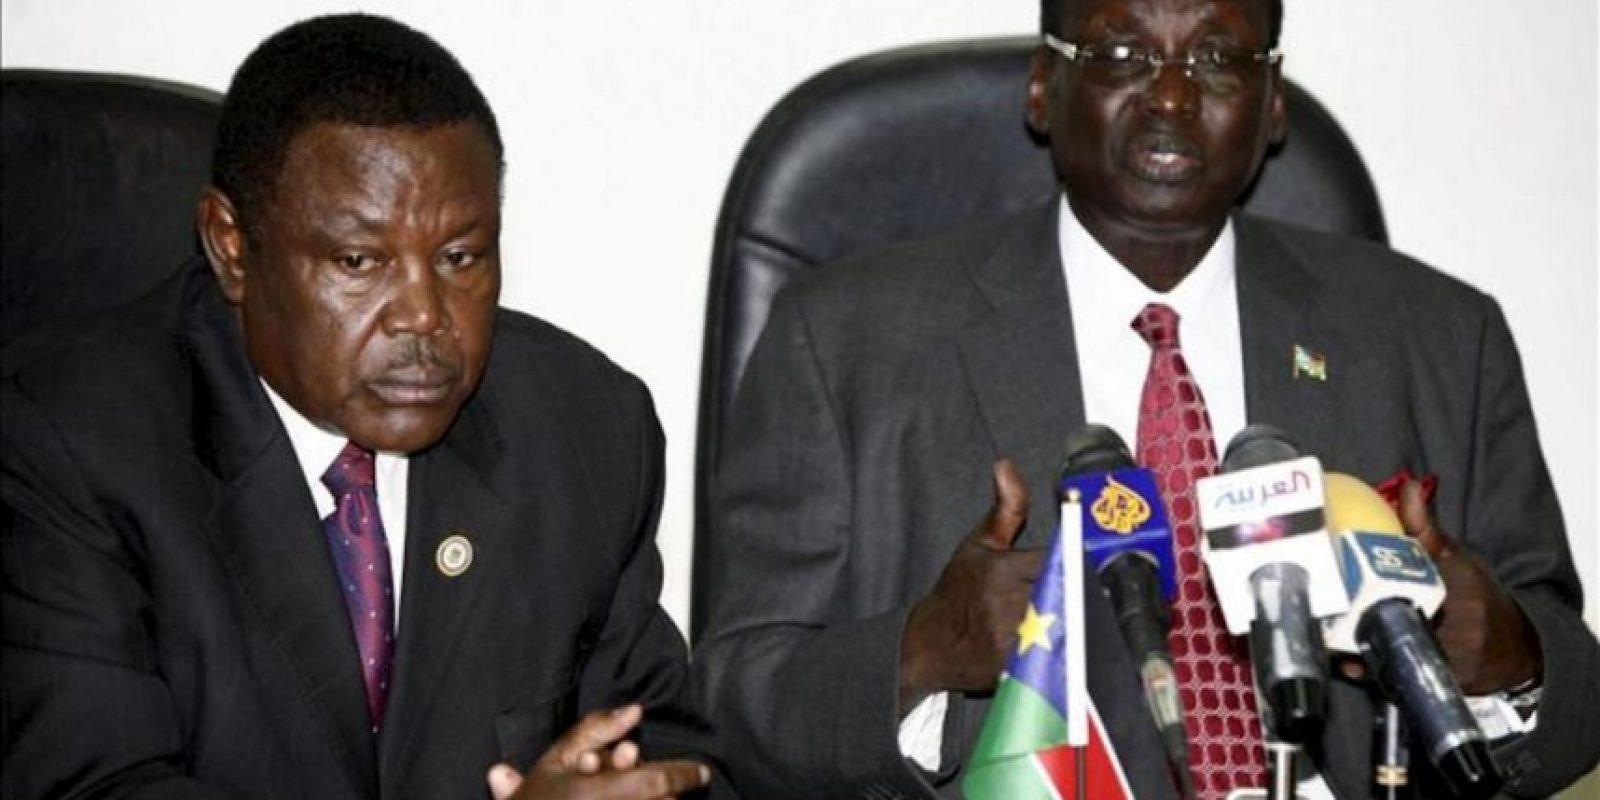 El ministro de Interior del Sudán del Sur, Alison Manani, (i), comparece ante los medios junto al ministro de Información Barnaba Marial (d) para informar sobre los últimos acontecimientos en la frontera con Sudán. EFE